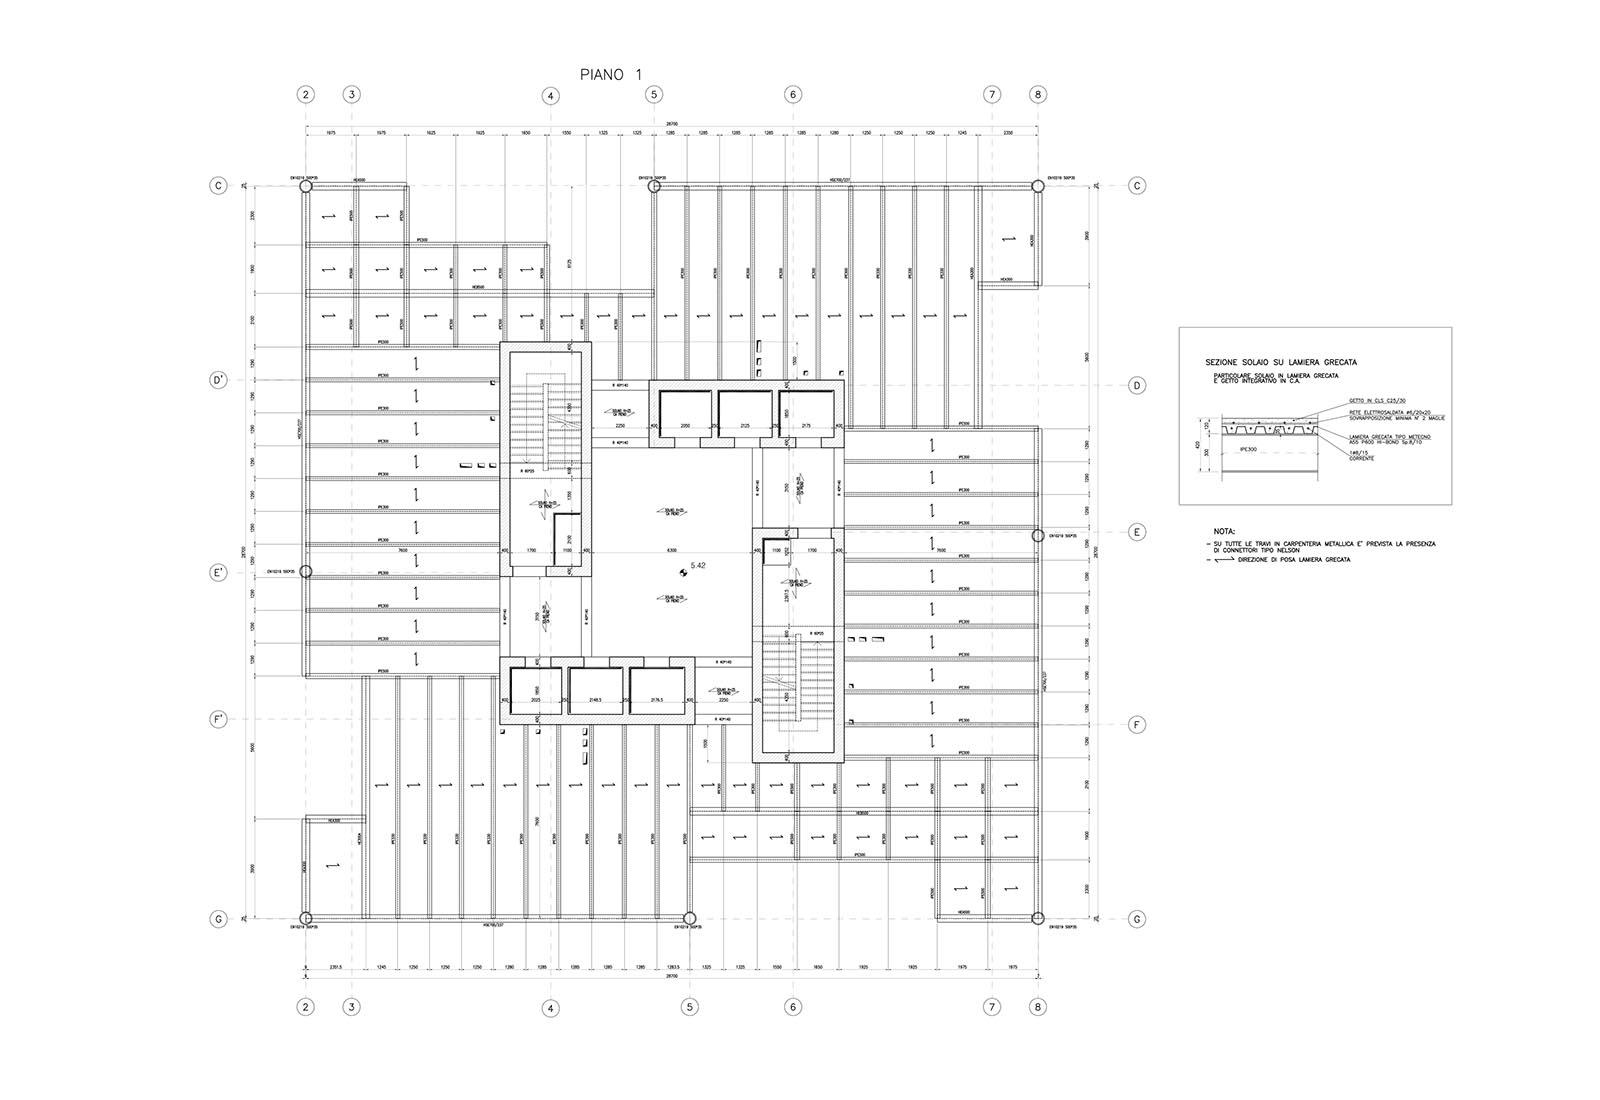 Edificio a torre dell'Università Bocconi a Milano - Strutture piano primo